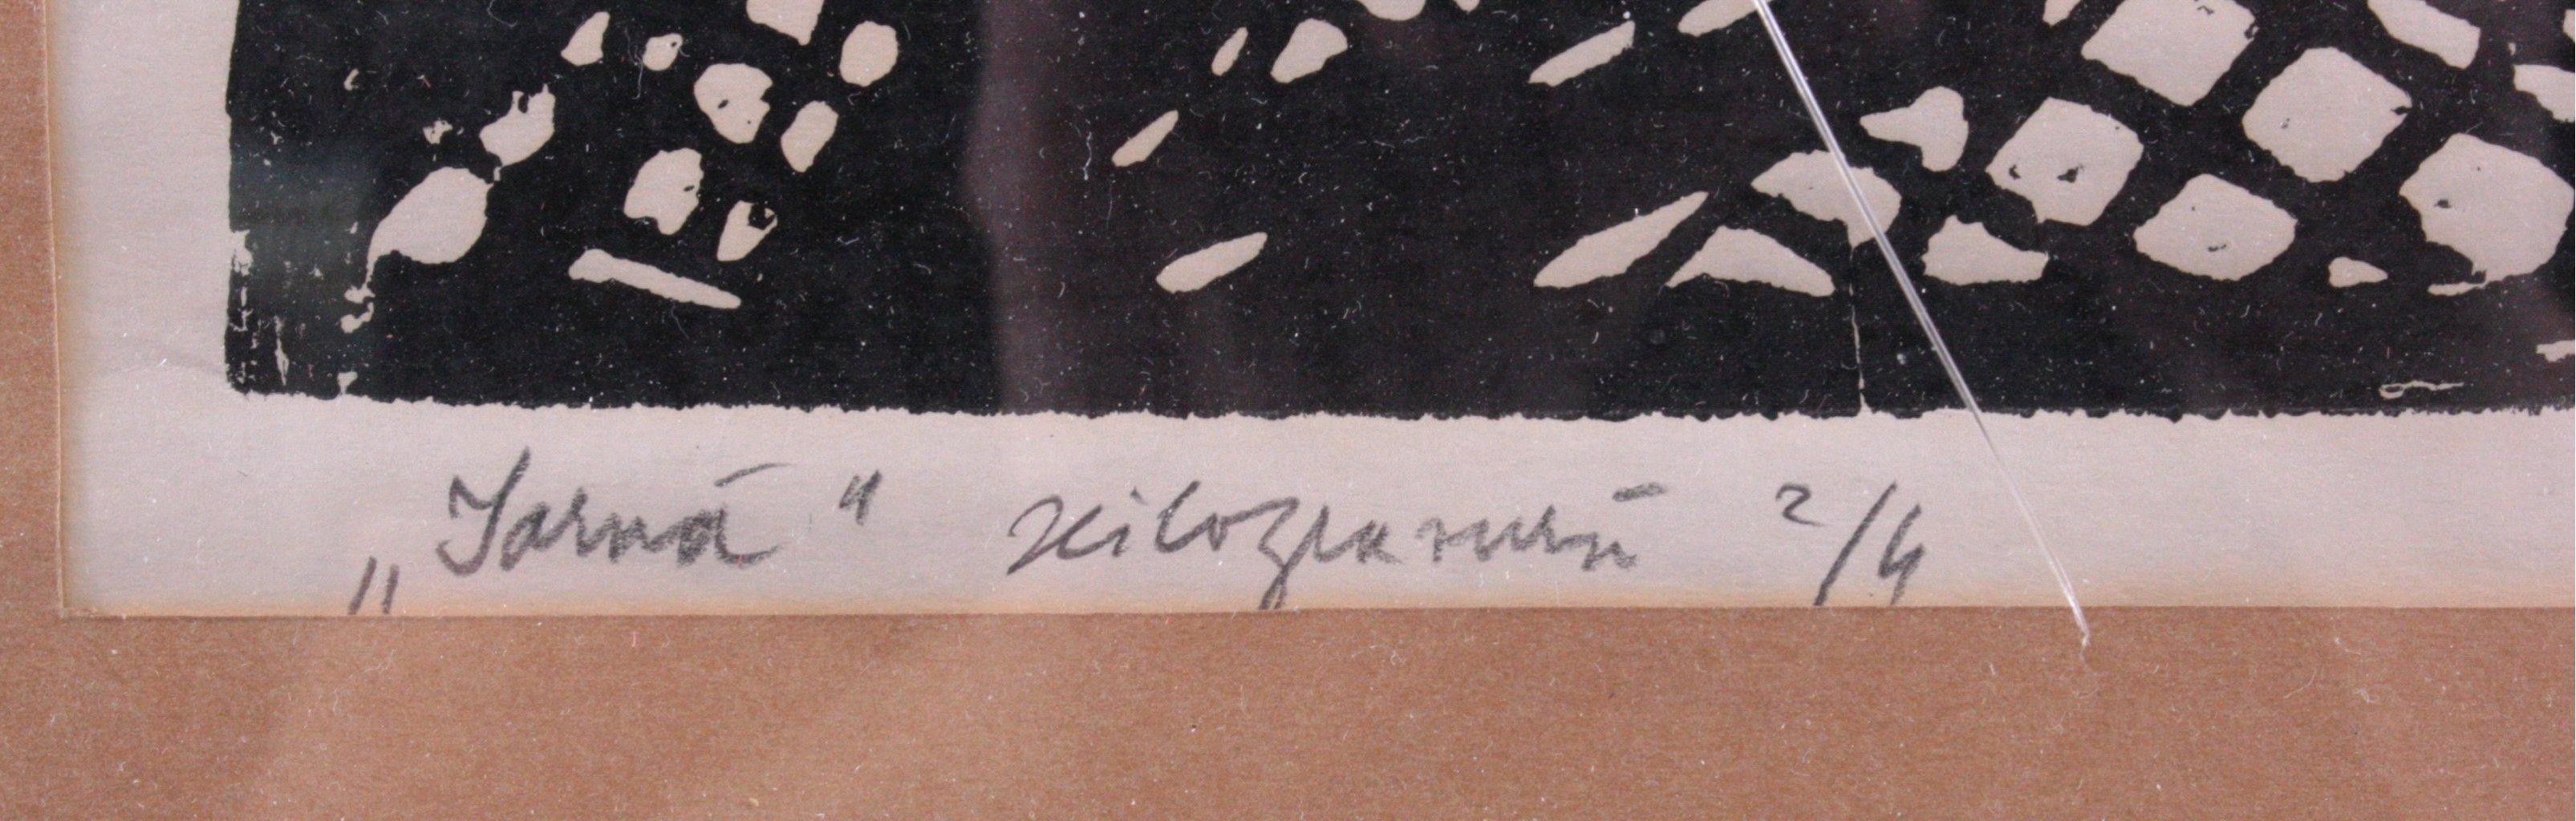 Linolschnitt-3